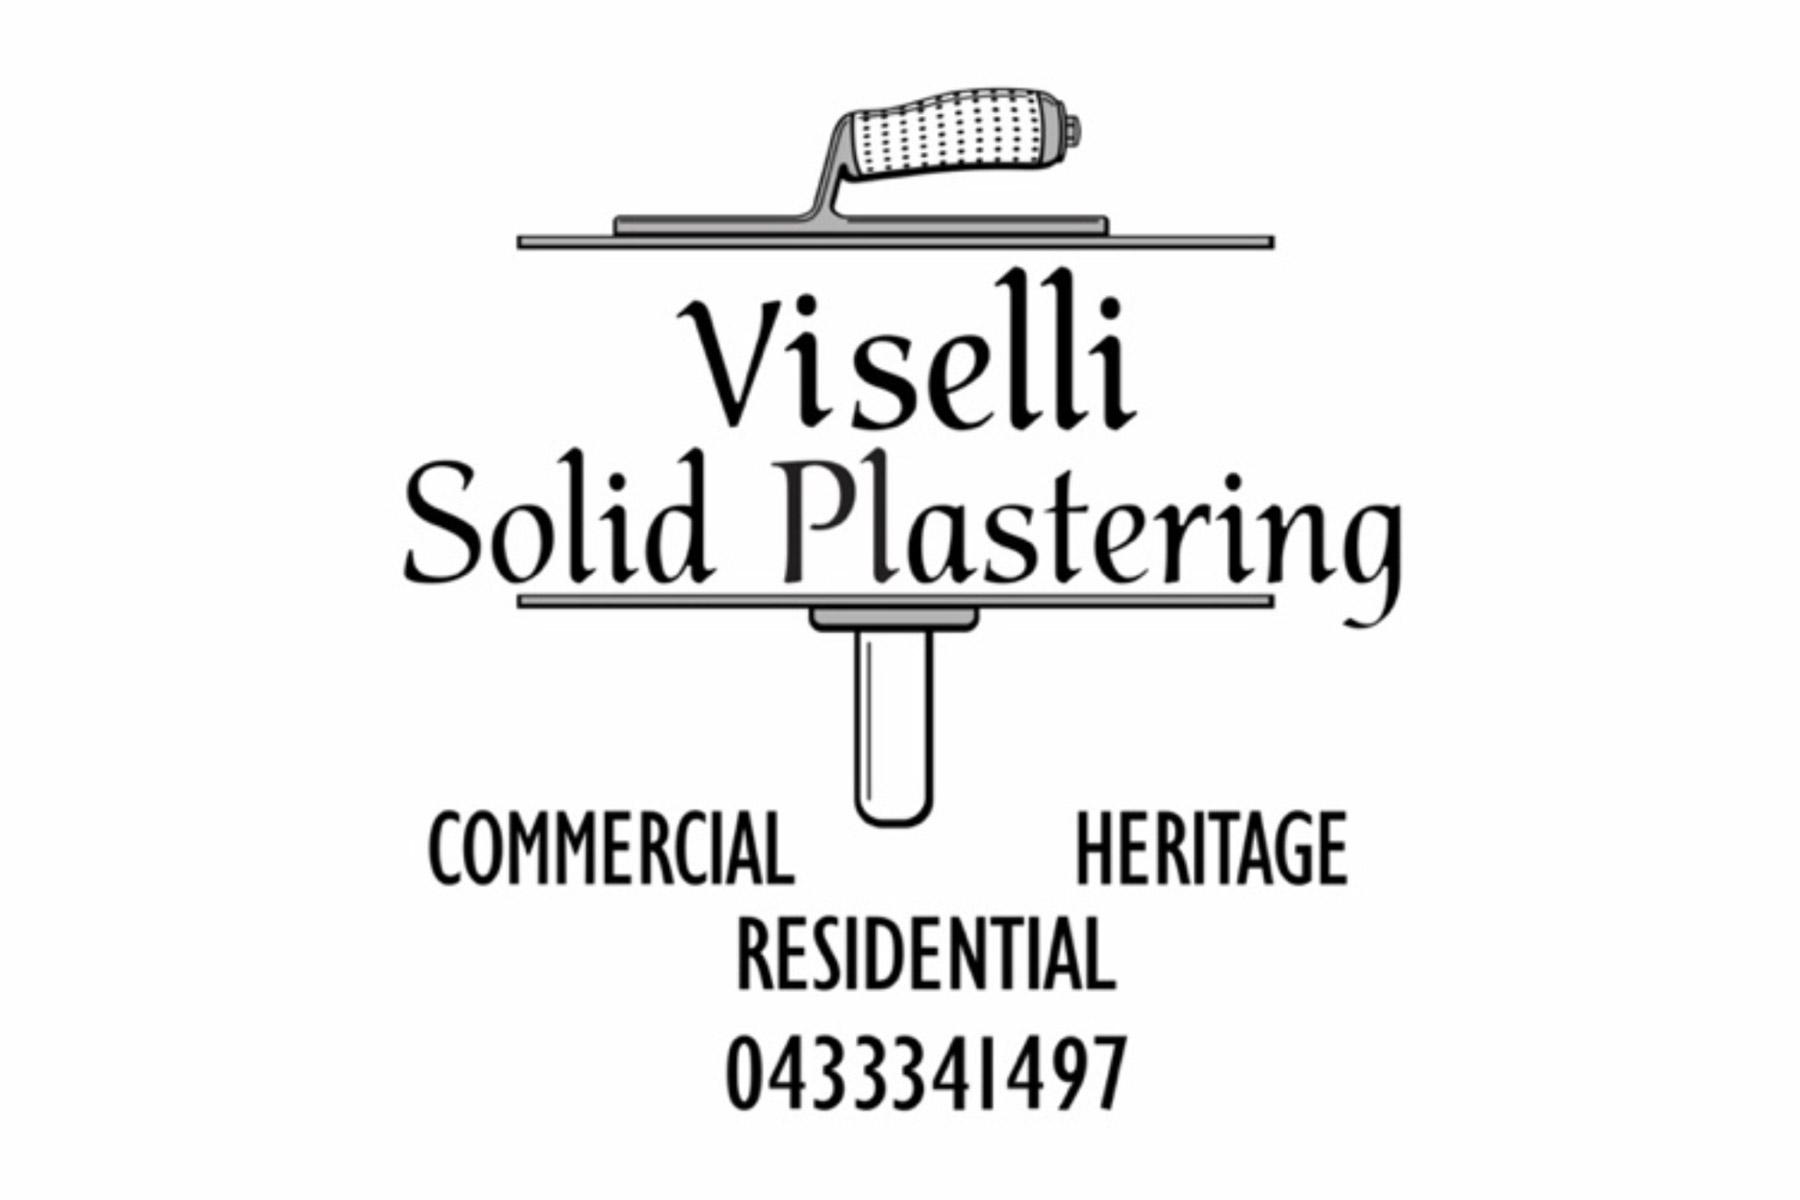 Viselli Solid Plastering Logo